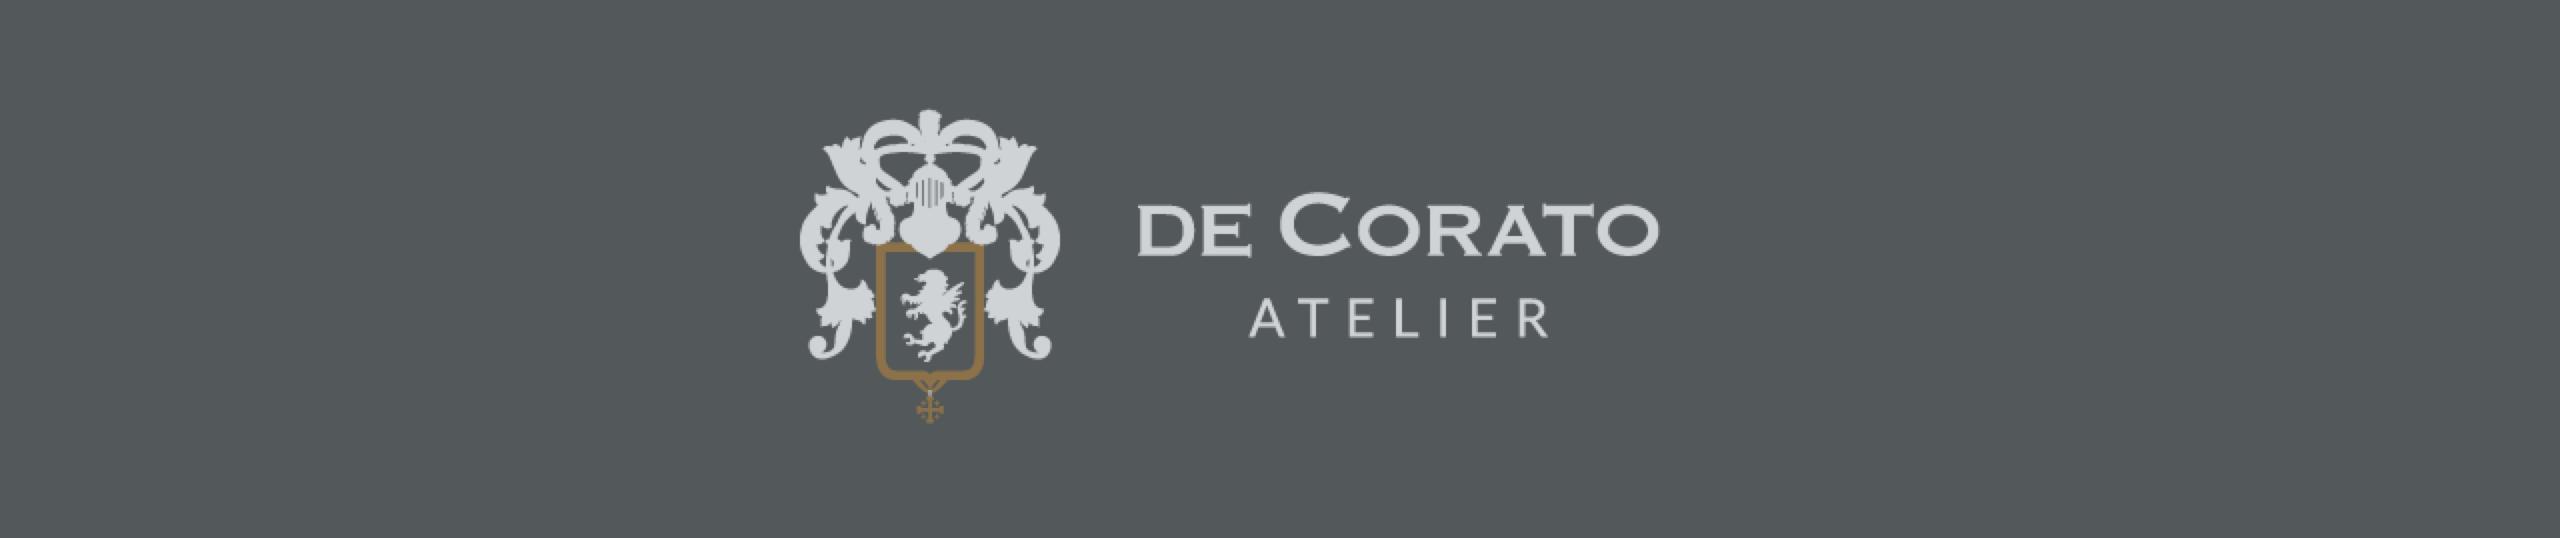 de_corato-icon_fullwidth_image